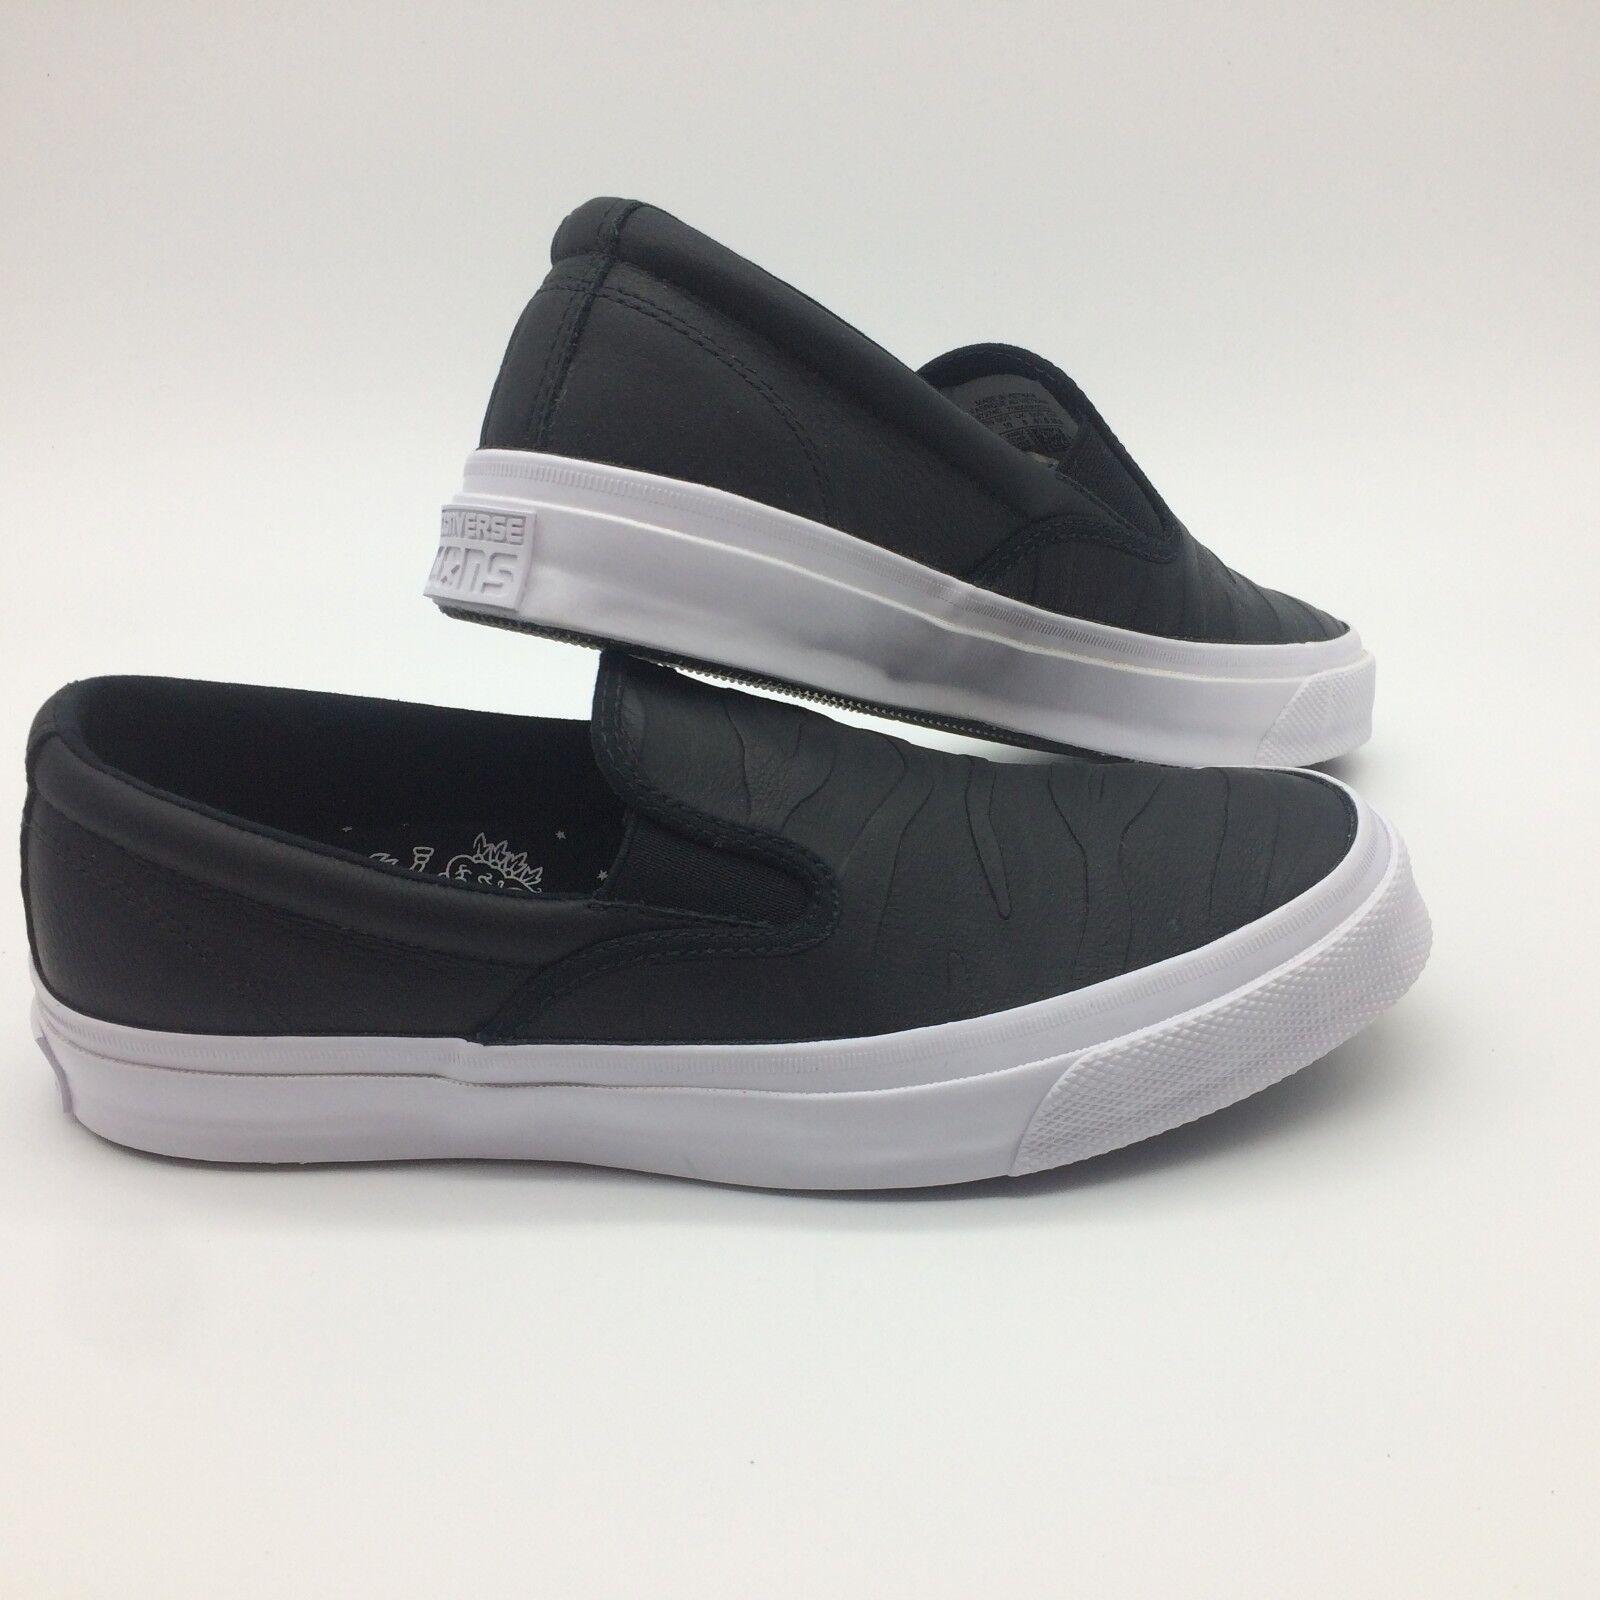 Converse Men's Shoe's (Icons Deckstar Slip JJ) Blk/Blk